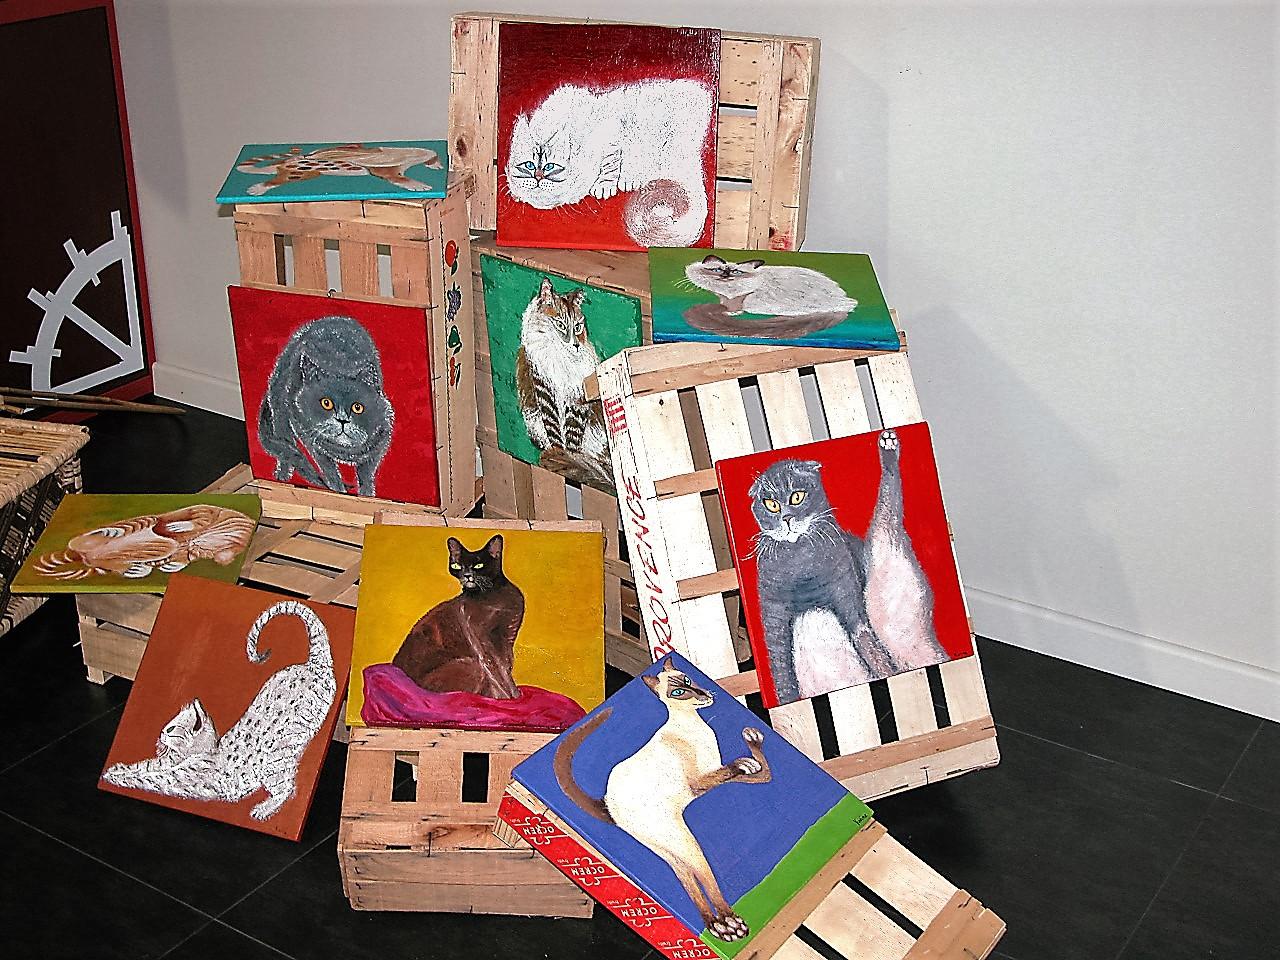 Chats du moulin sur cagettes (2008)